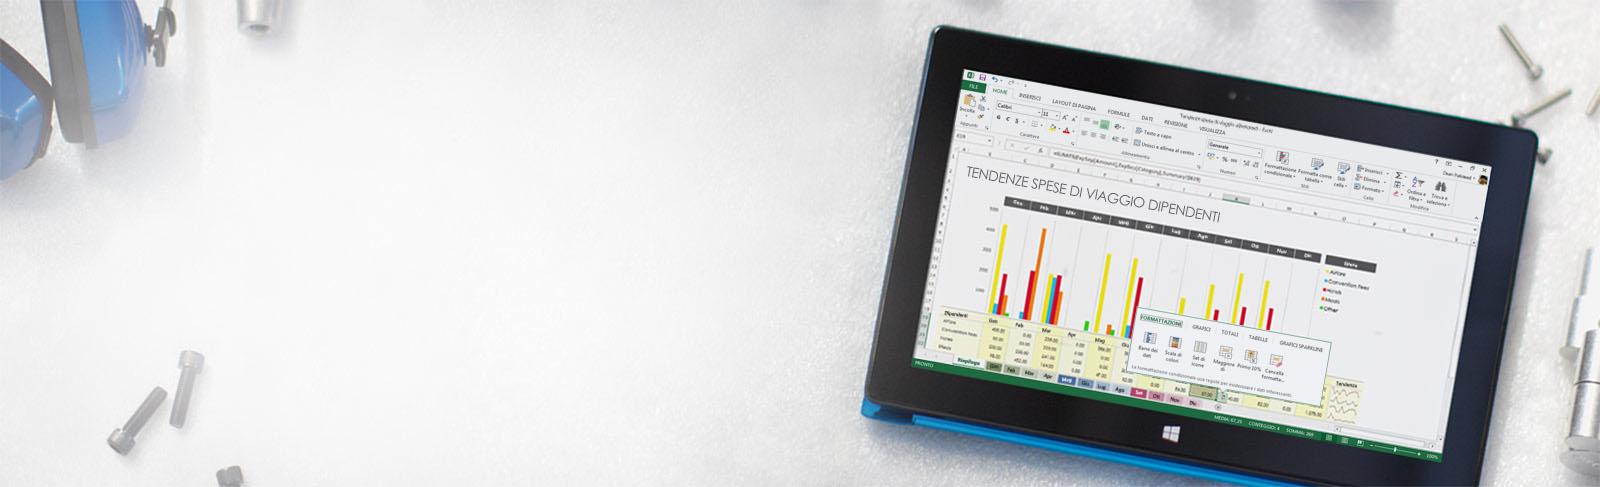 Office 365: gli strumenti aziendali su cui puoi contare. Sempre. Ovunque.